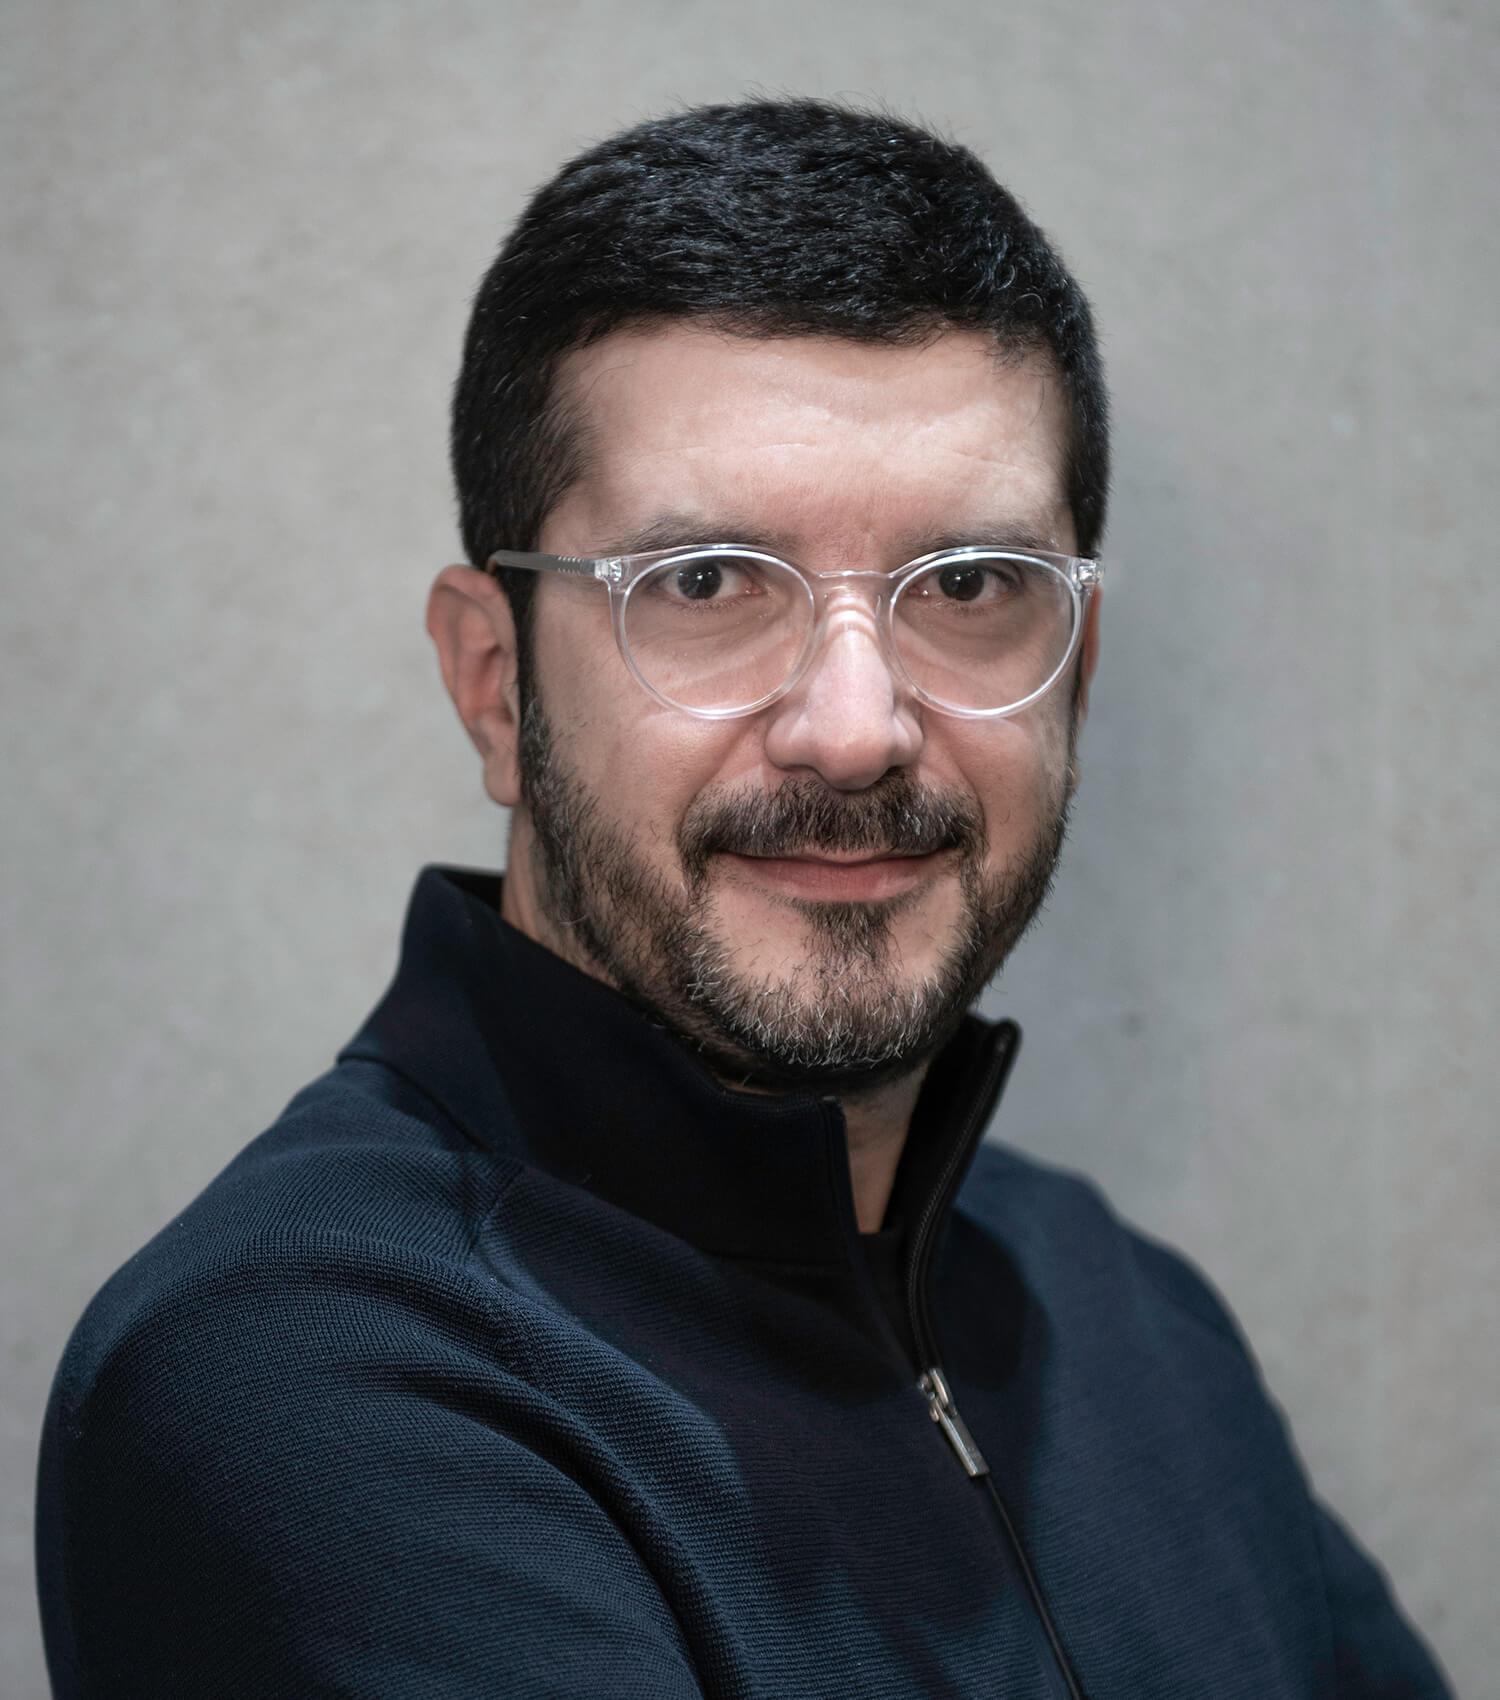 Βασίλης Μαθιουδάκης - Δημιουργική ΕΠΕ